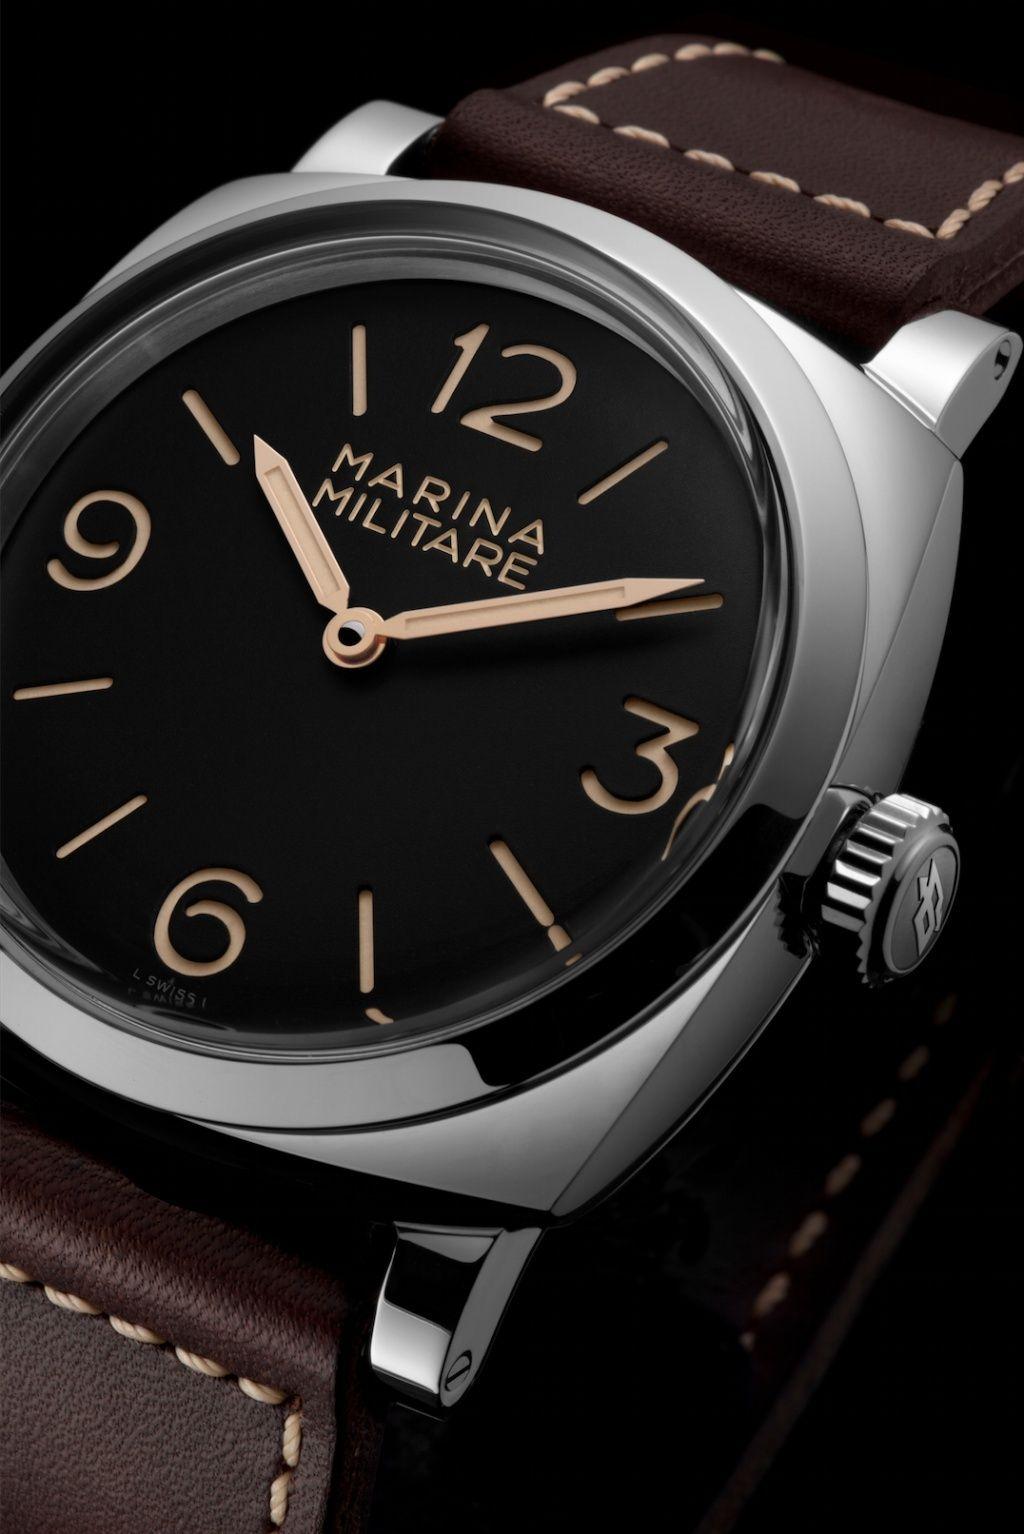 Communiqué de Presse : RADIOMIR 1940 MARINA MILITARE 3 DAYS ACCIAIO – 47mm - PAM00587 - SL 1000ex Captur44